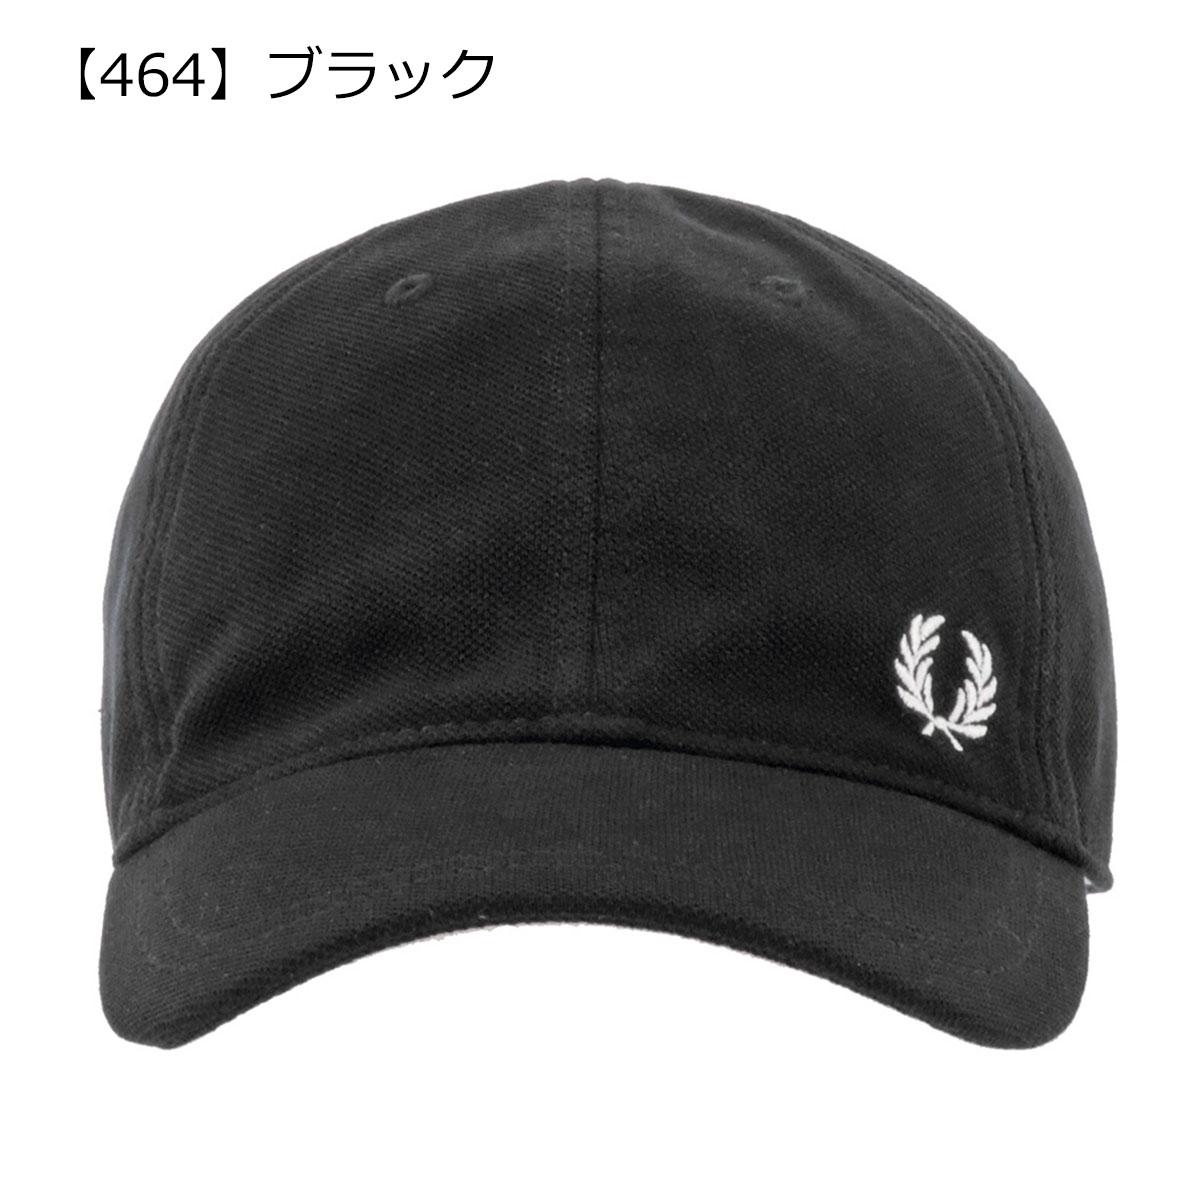 【128】アイリスリーフ